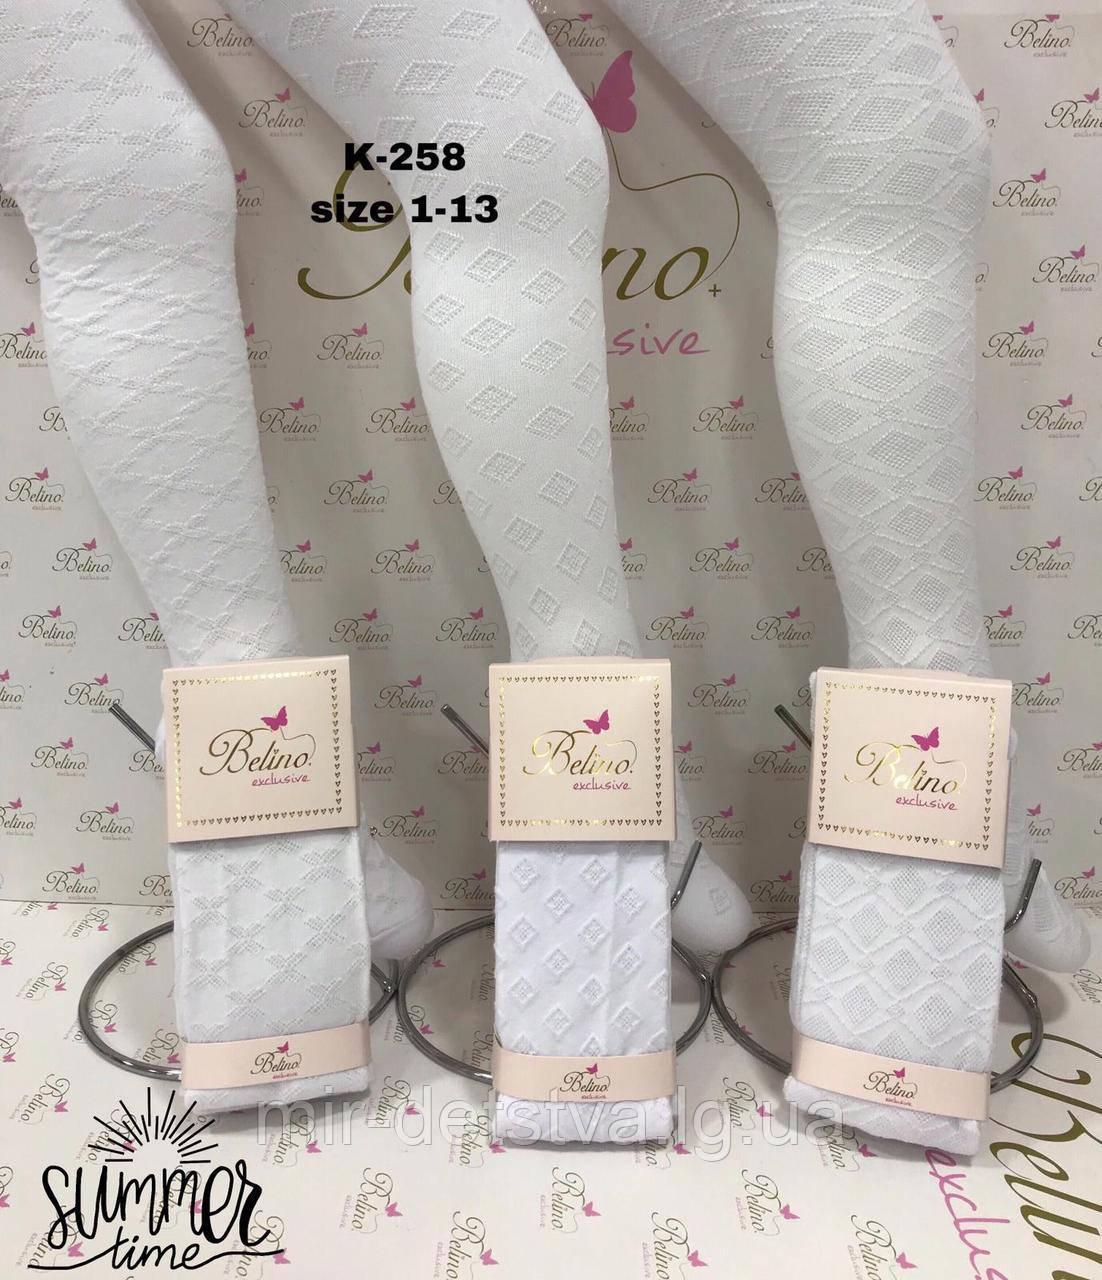 Ажурные белые колготки для девочек оптом, Турция ТМ Belino р.9-10 лет (134-140 см)